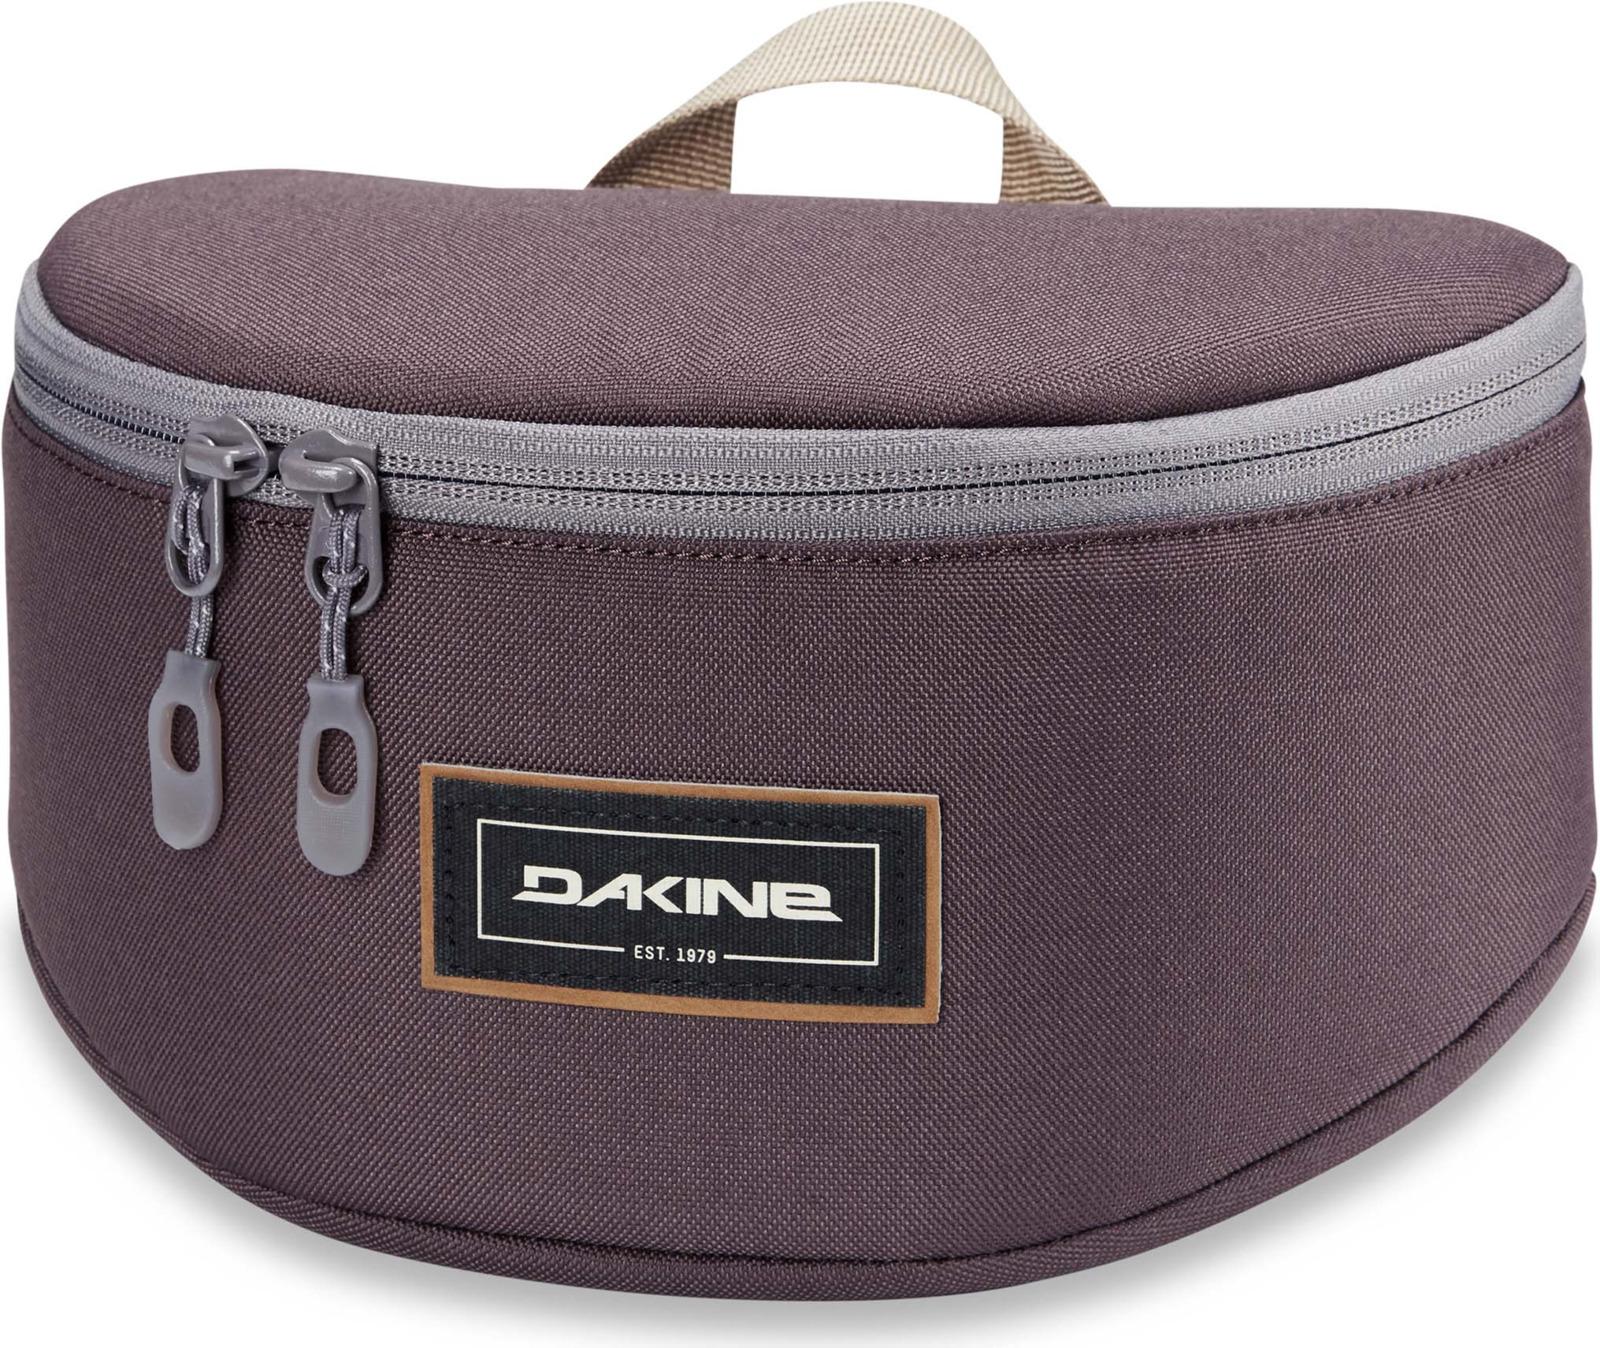 Чехол для маски Dakine Goggle Stash, цвет: фиолетовый, 23 х 13 х 13 см